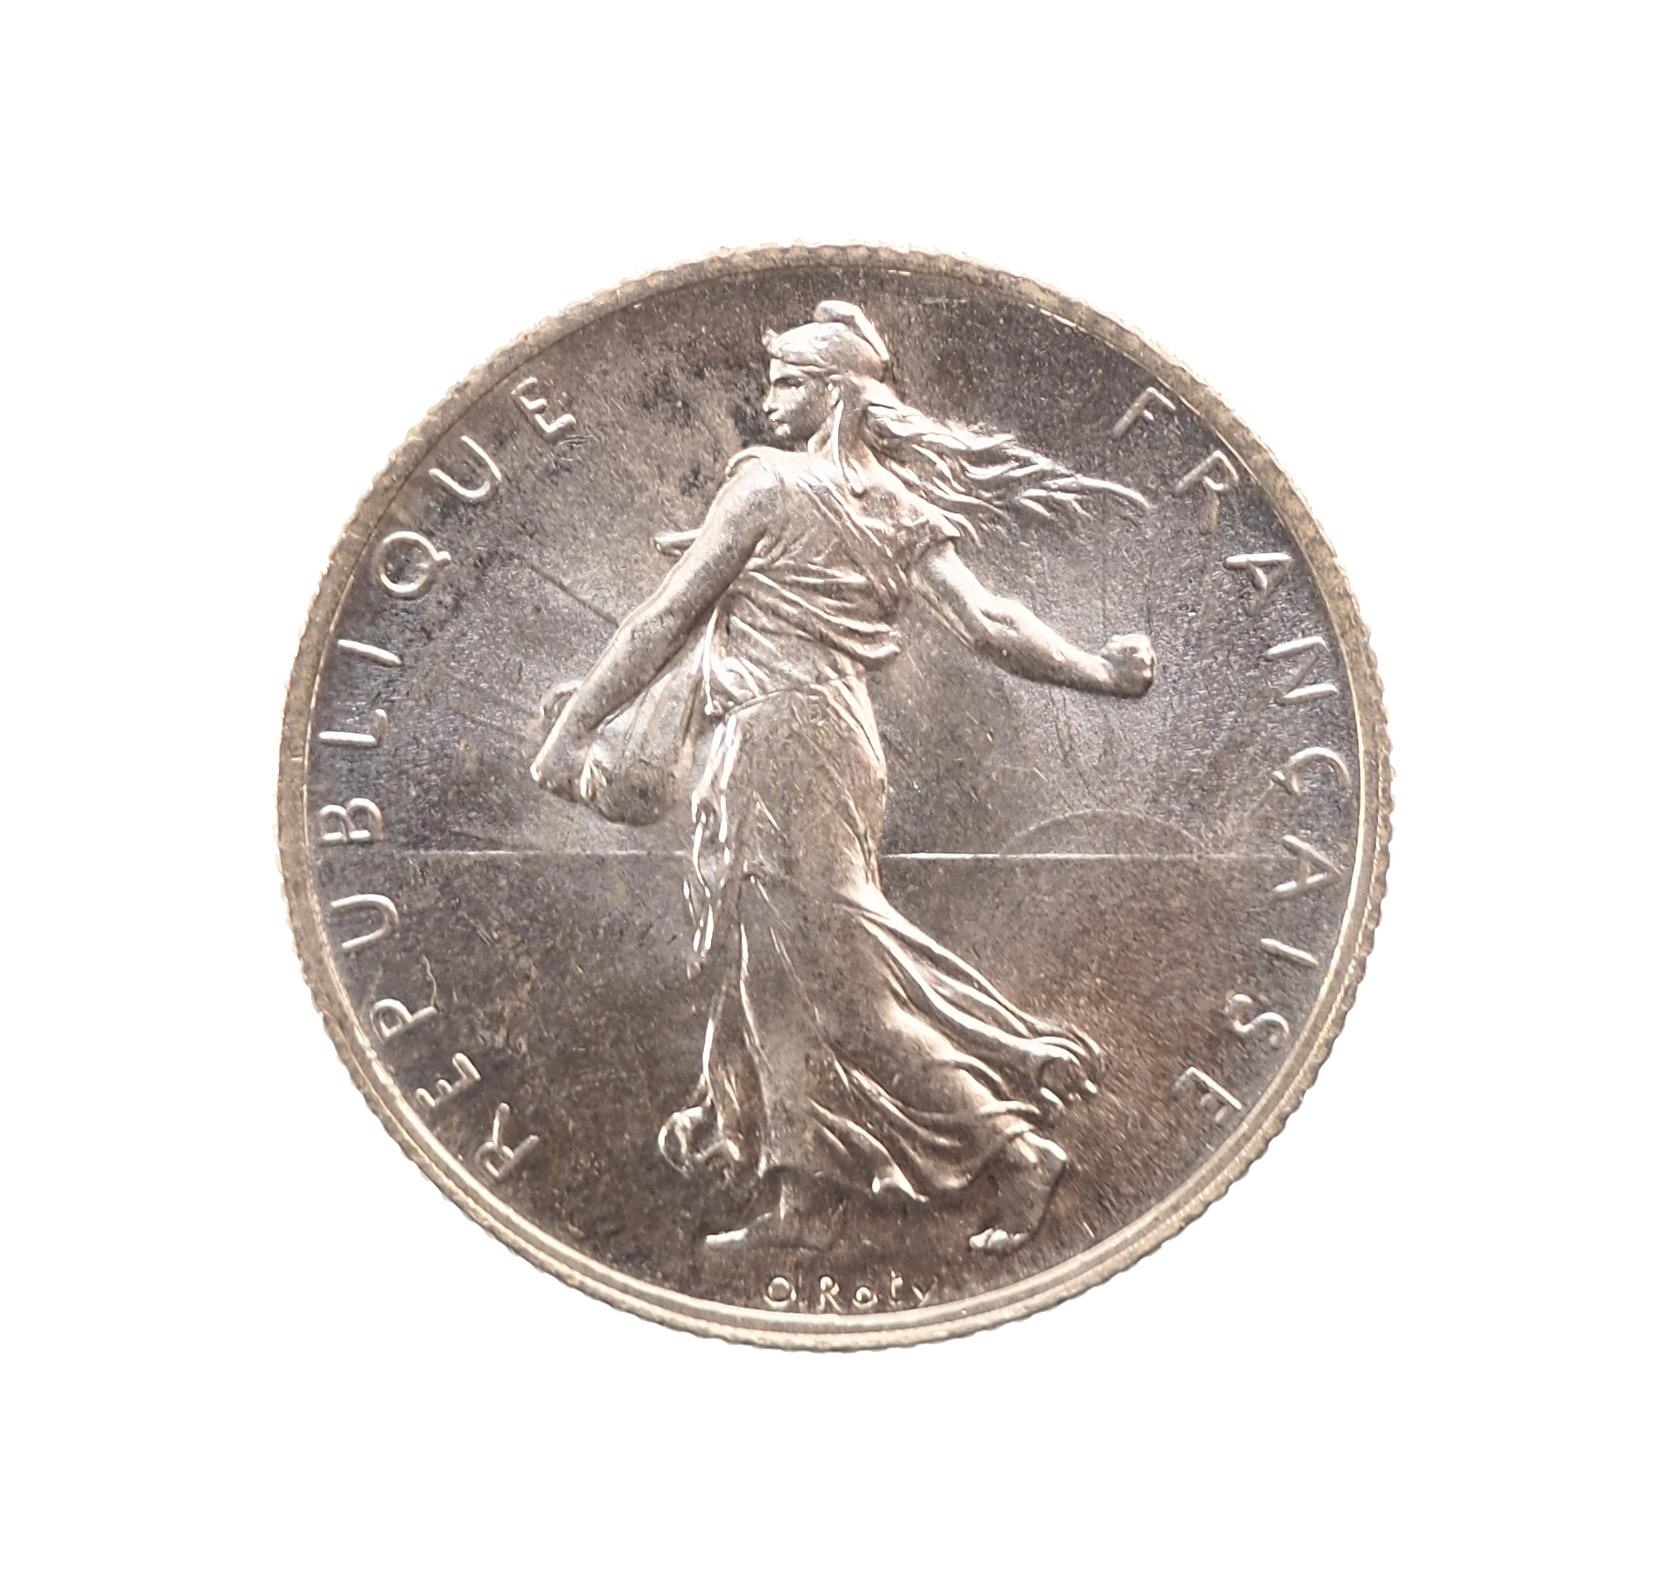 France, 2 Francs 1915, Paris, Argent, SPL, Gadoury 532, Le Franc 266